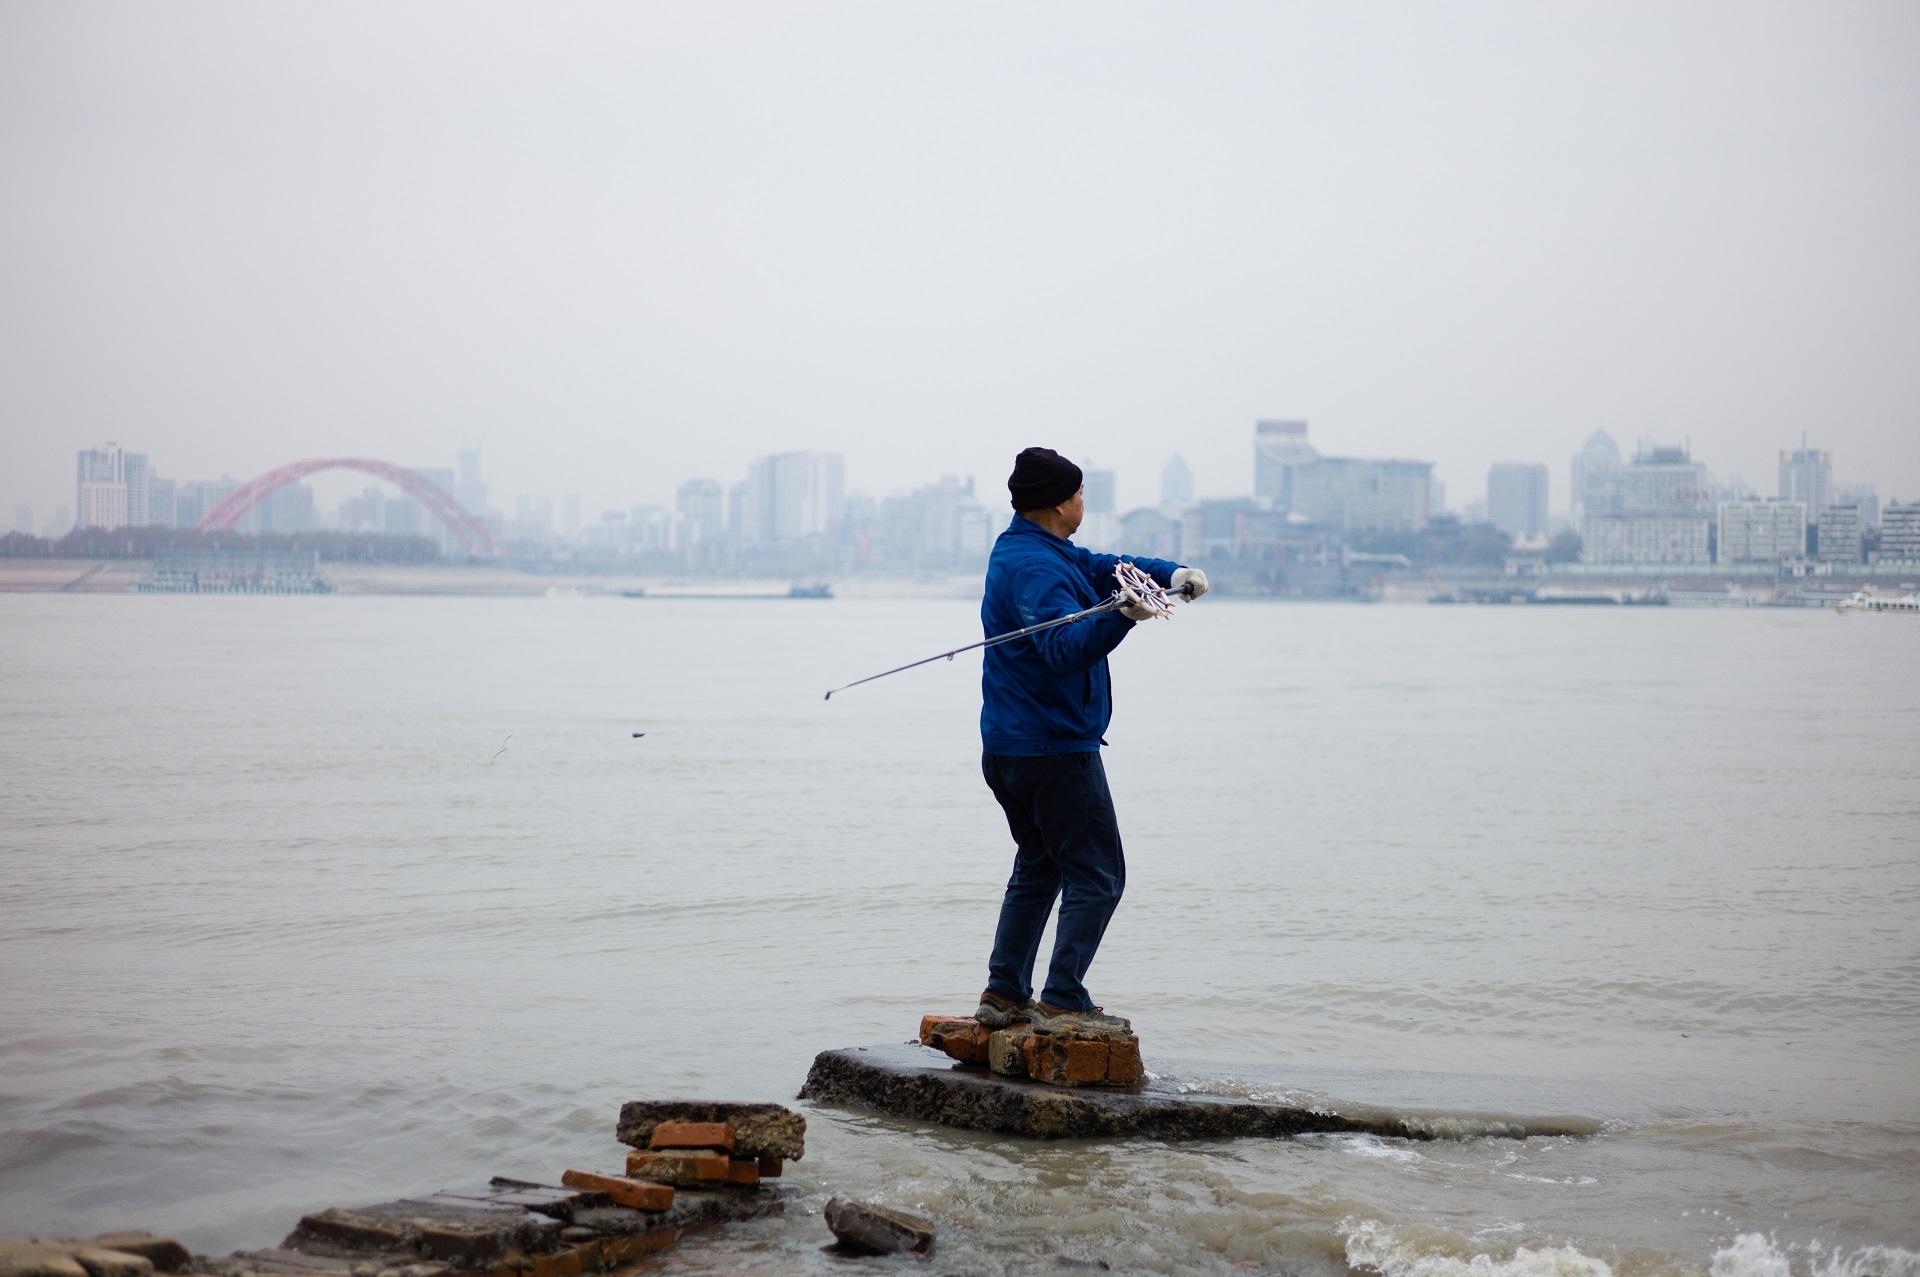 2015年,谌毅在武昌江边拍摄的钓鱼人,远景是汉江口。